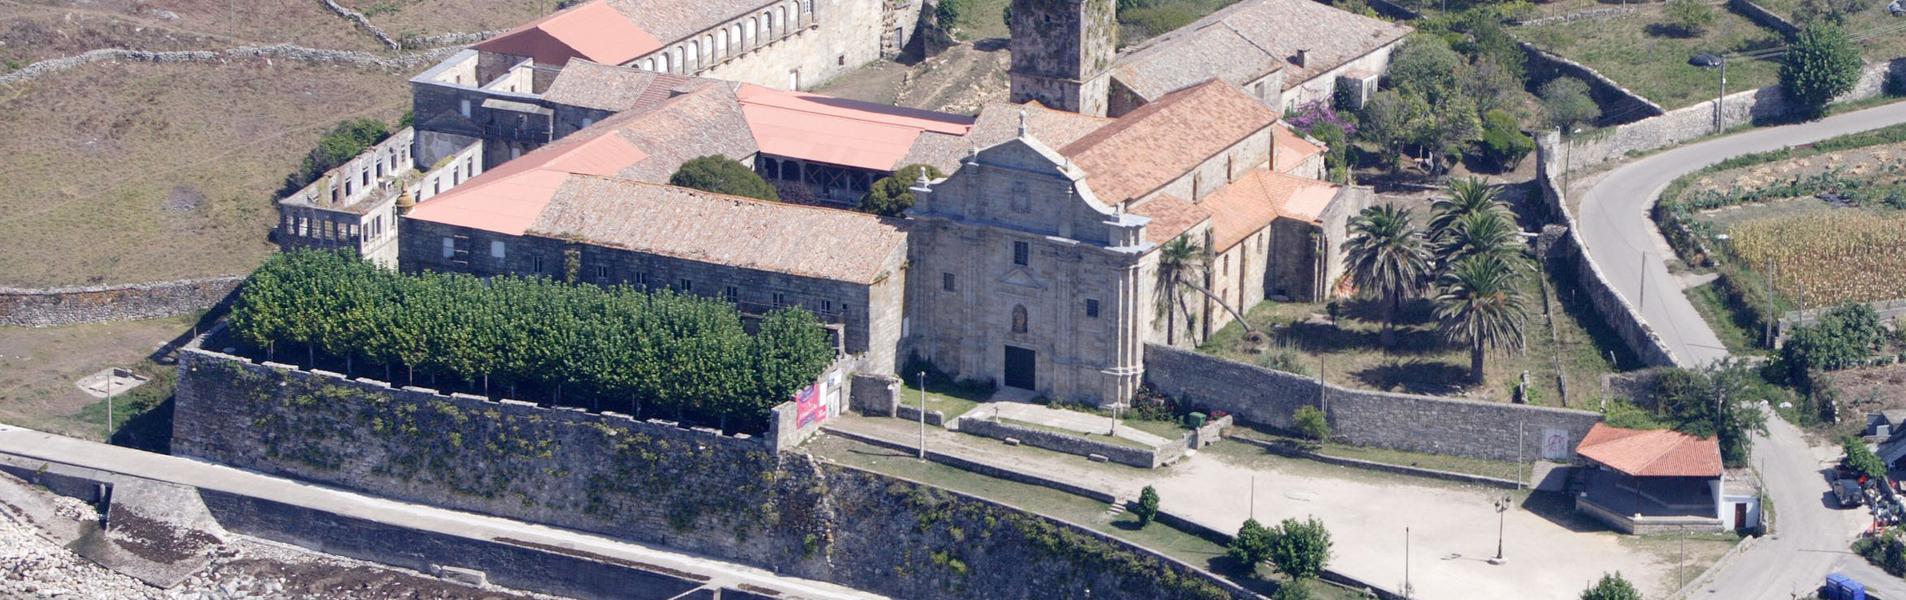 Monasterio cisterciense de Santa María la Real de Oia